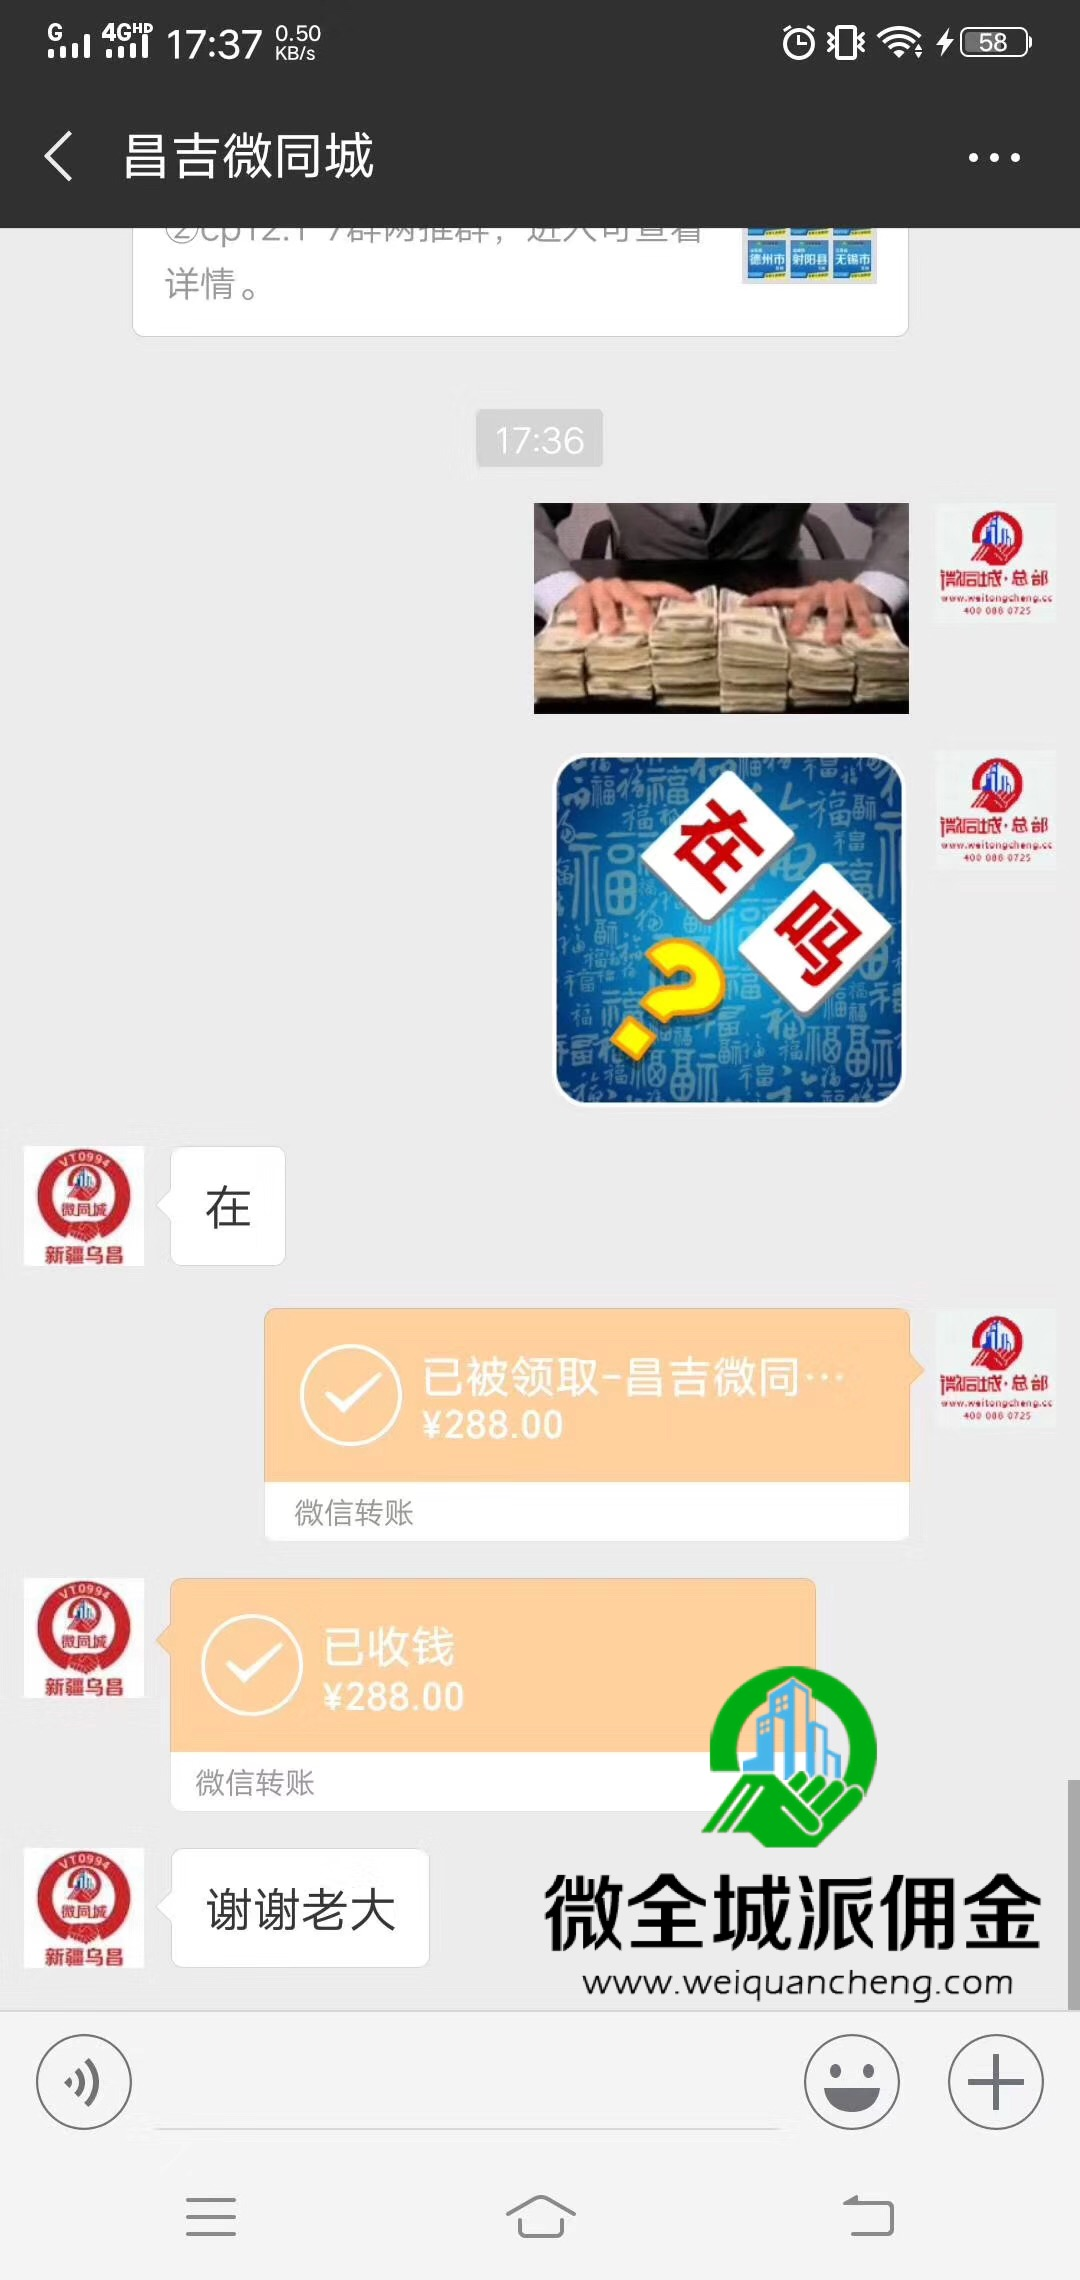 【赚288元】昌吉微全城微帮广告佣金